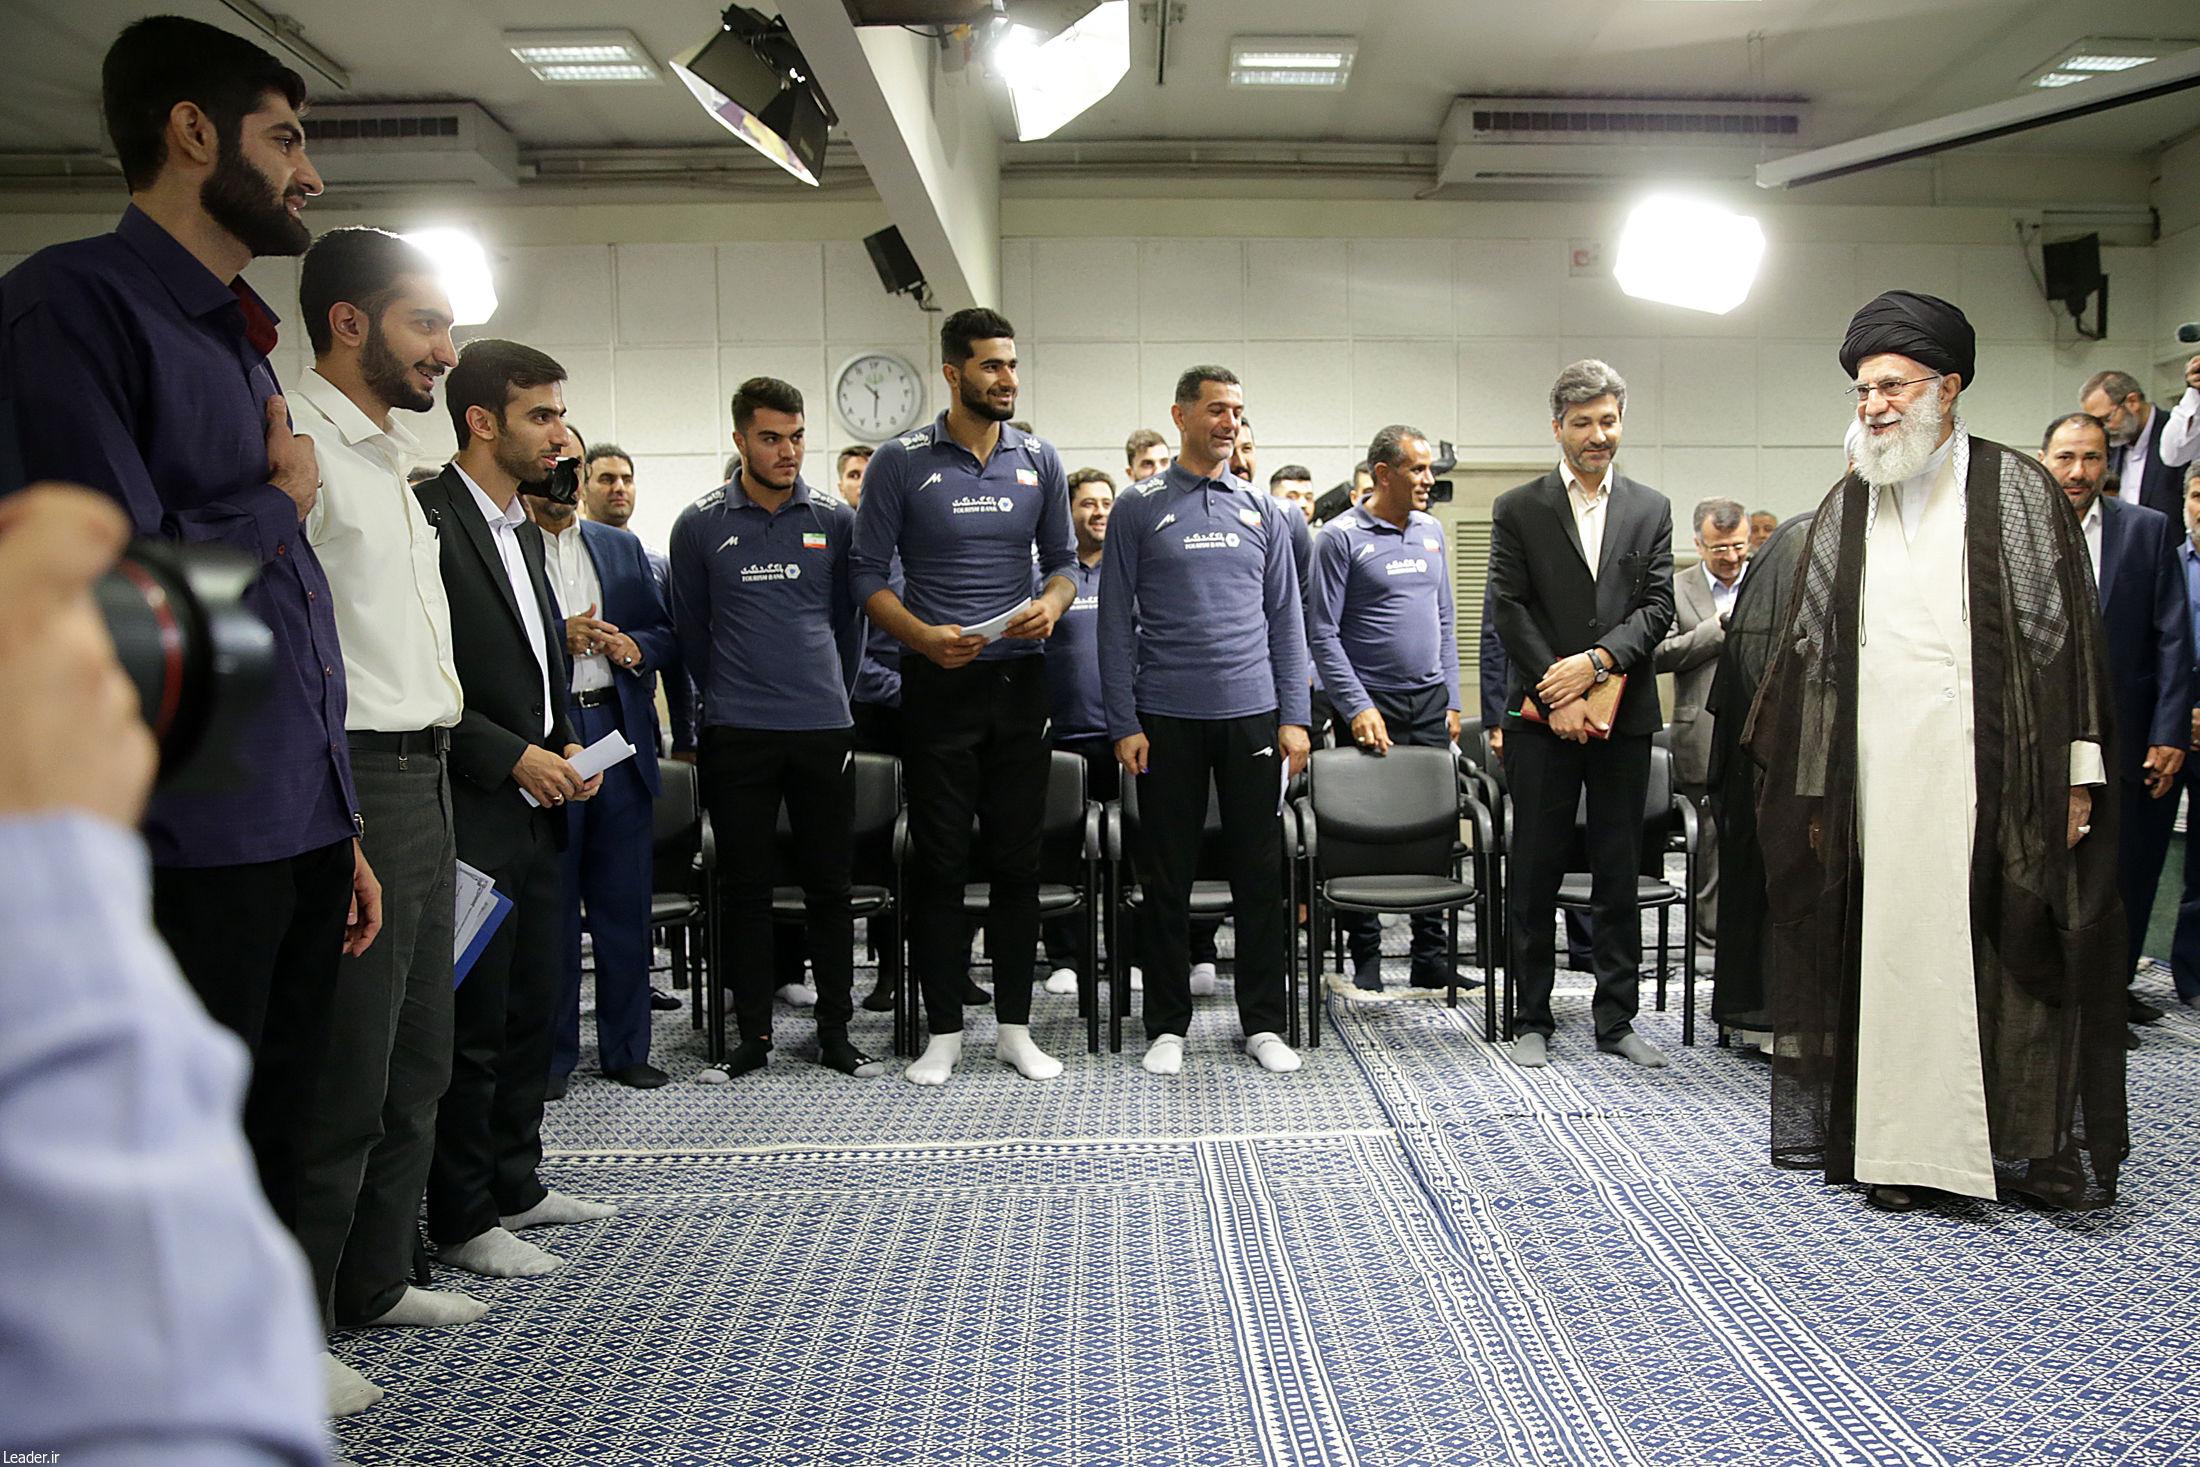 مدالآوران المپیادهای علمی و اعضای تیم ملی والیبال جوانان با رهبر انقلاب دیدار کردند